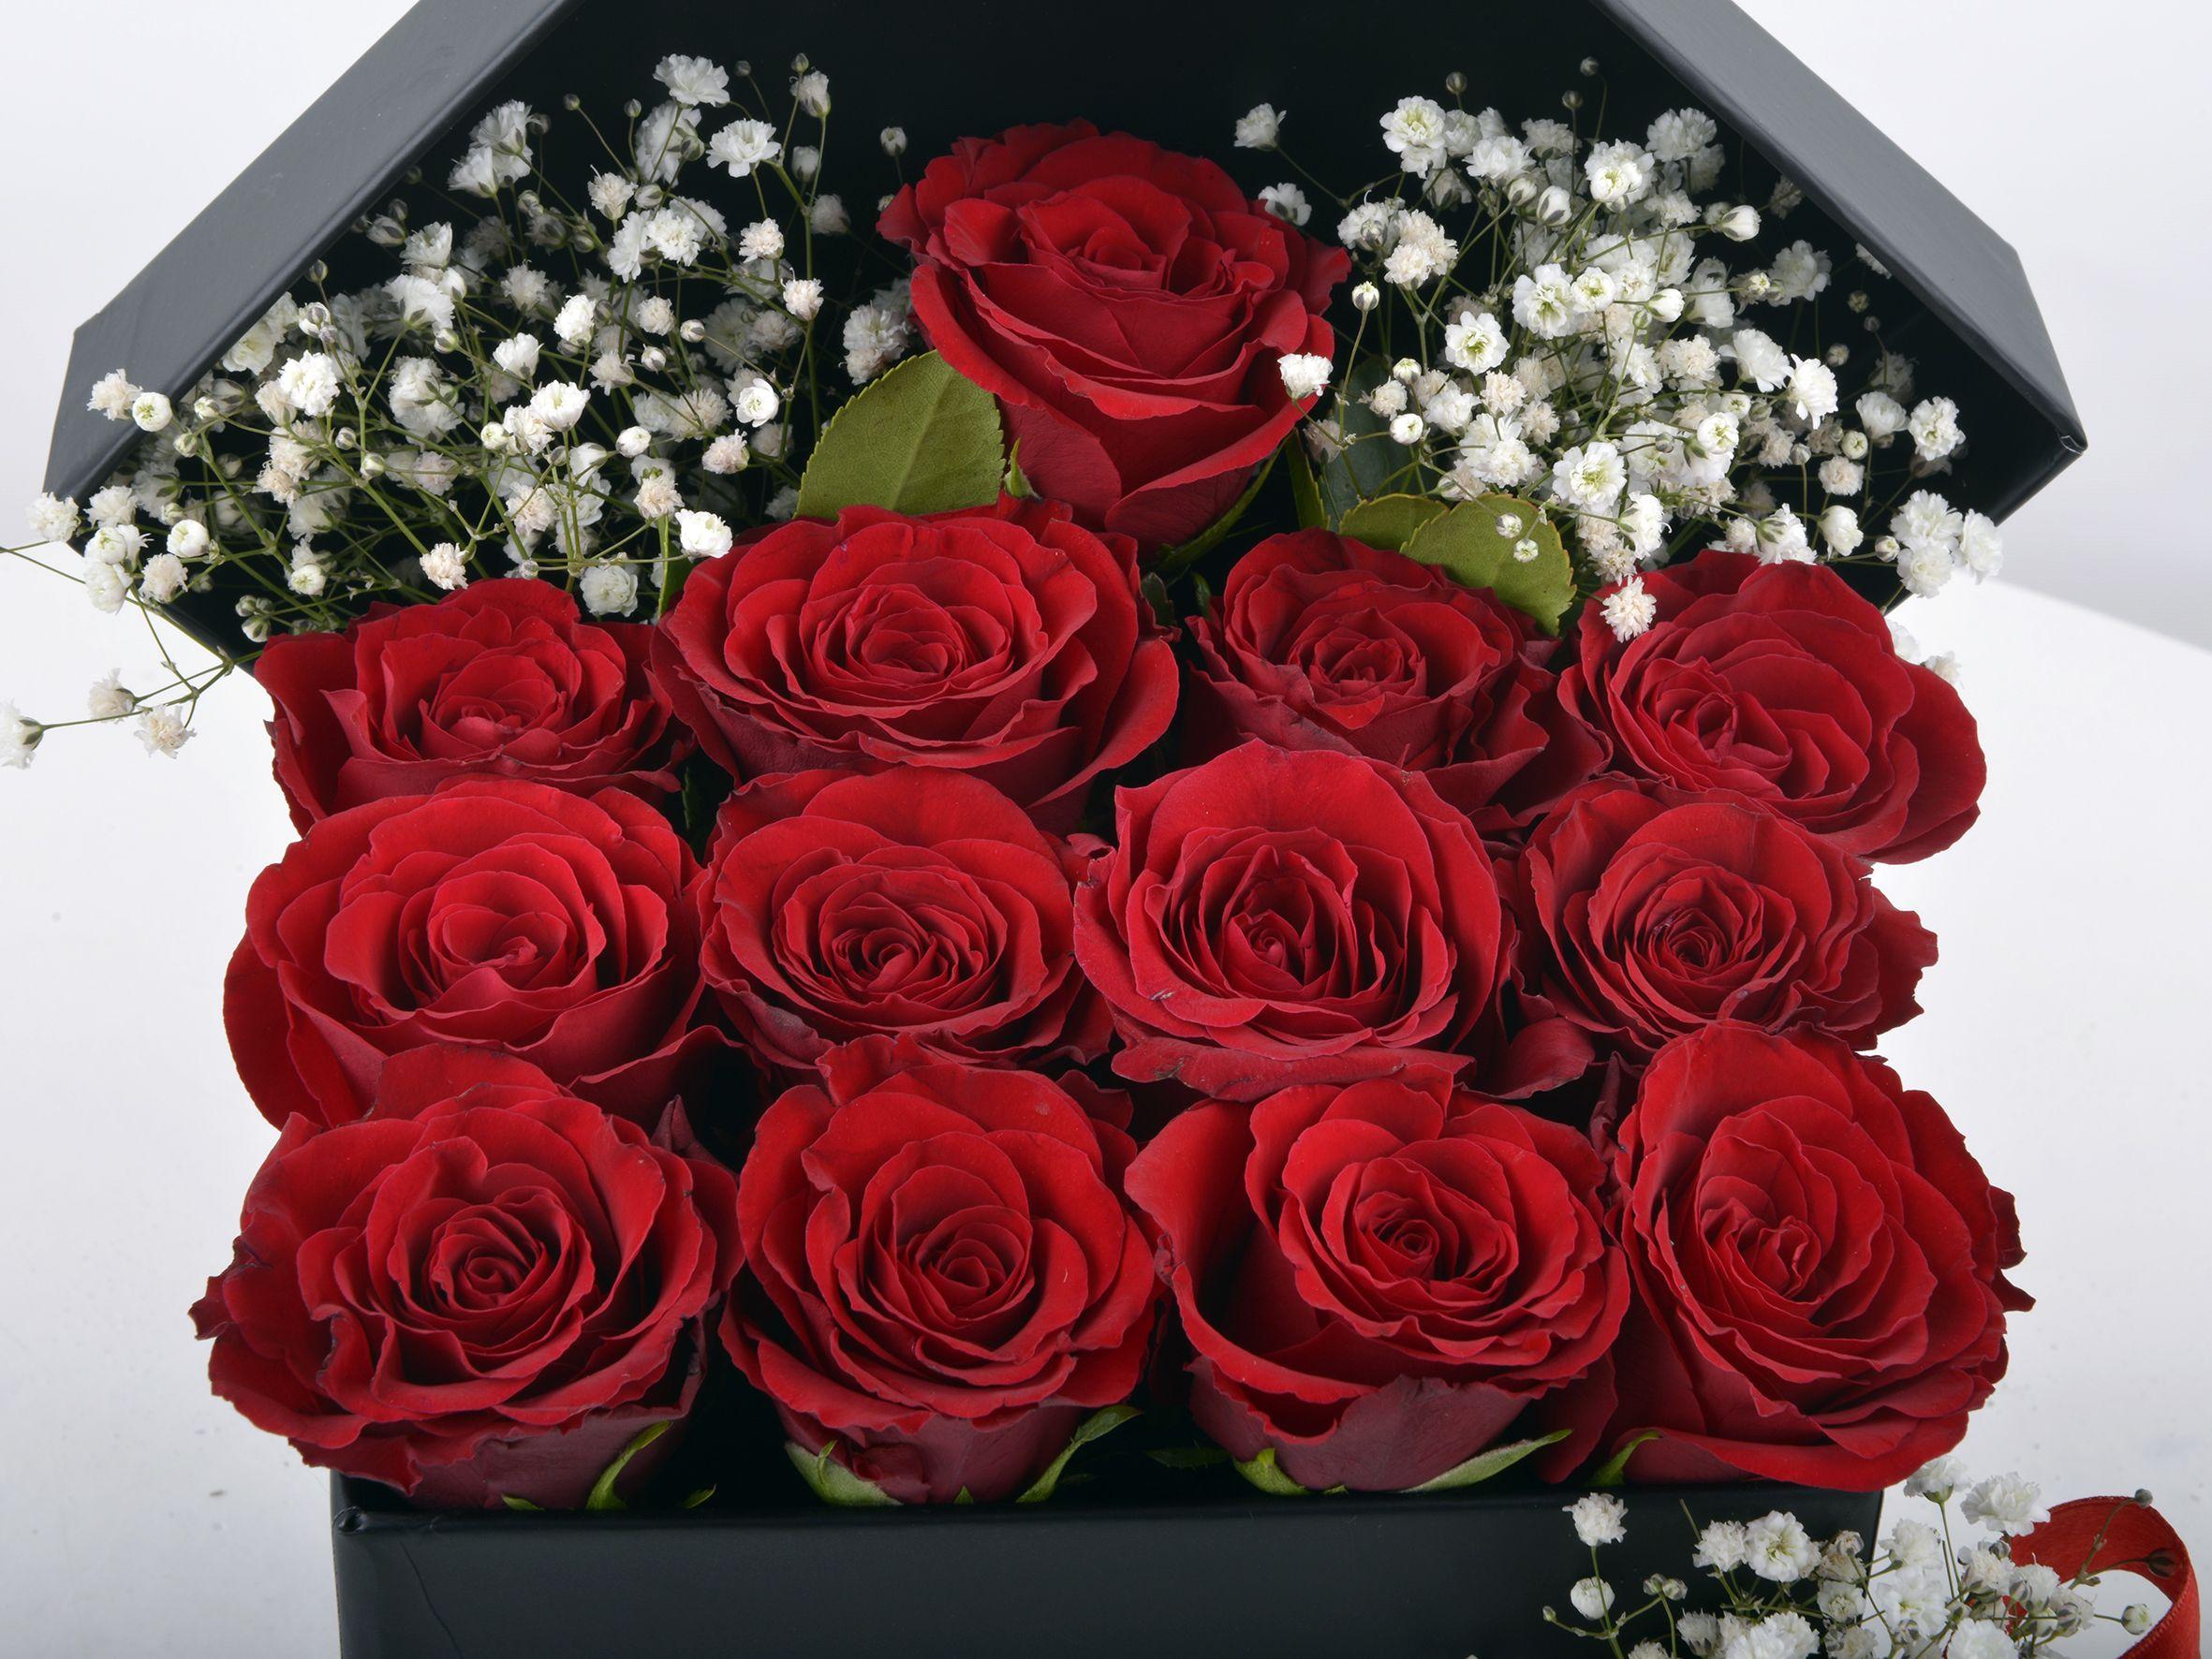 Siyah İnci 13 Kırmızı Gül Kutuda Çiçek çiçek gönder